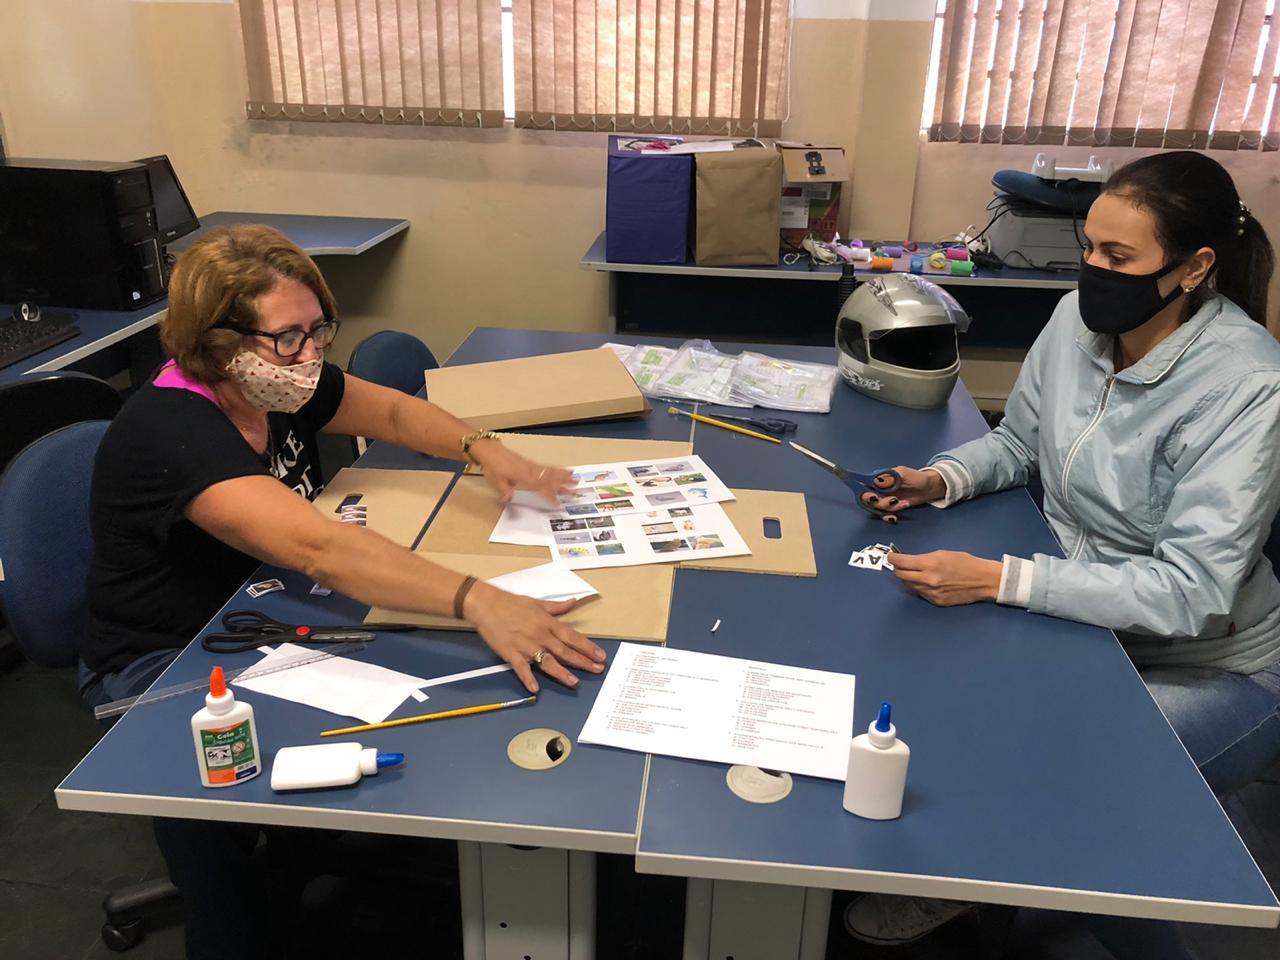 Sentadas ao redor de mesas retangulares azuis, duas educadoras com máscaras constroem o protótipo do material, utilizando pincéis, folhas de sulfite, colas e pedaços de material. Fim da descrição.